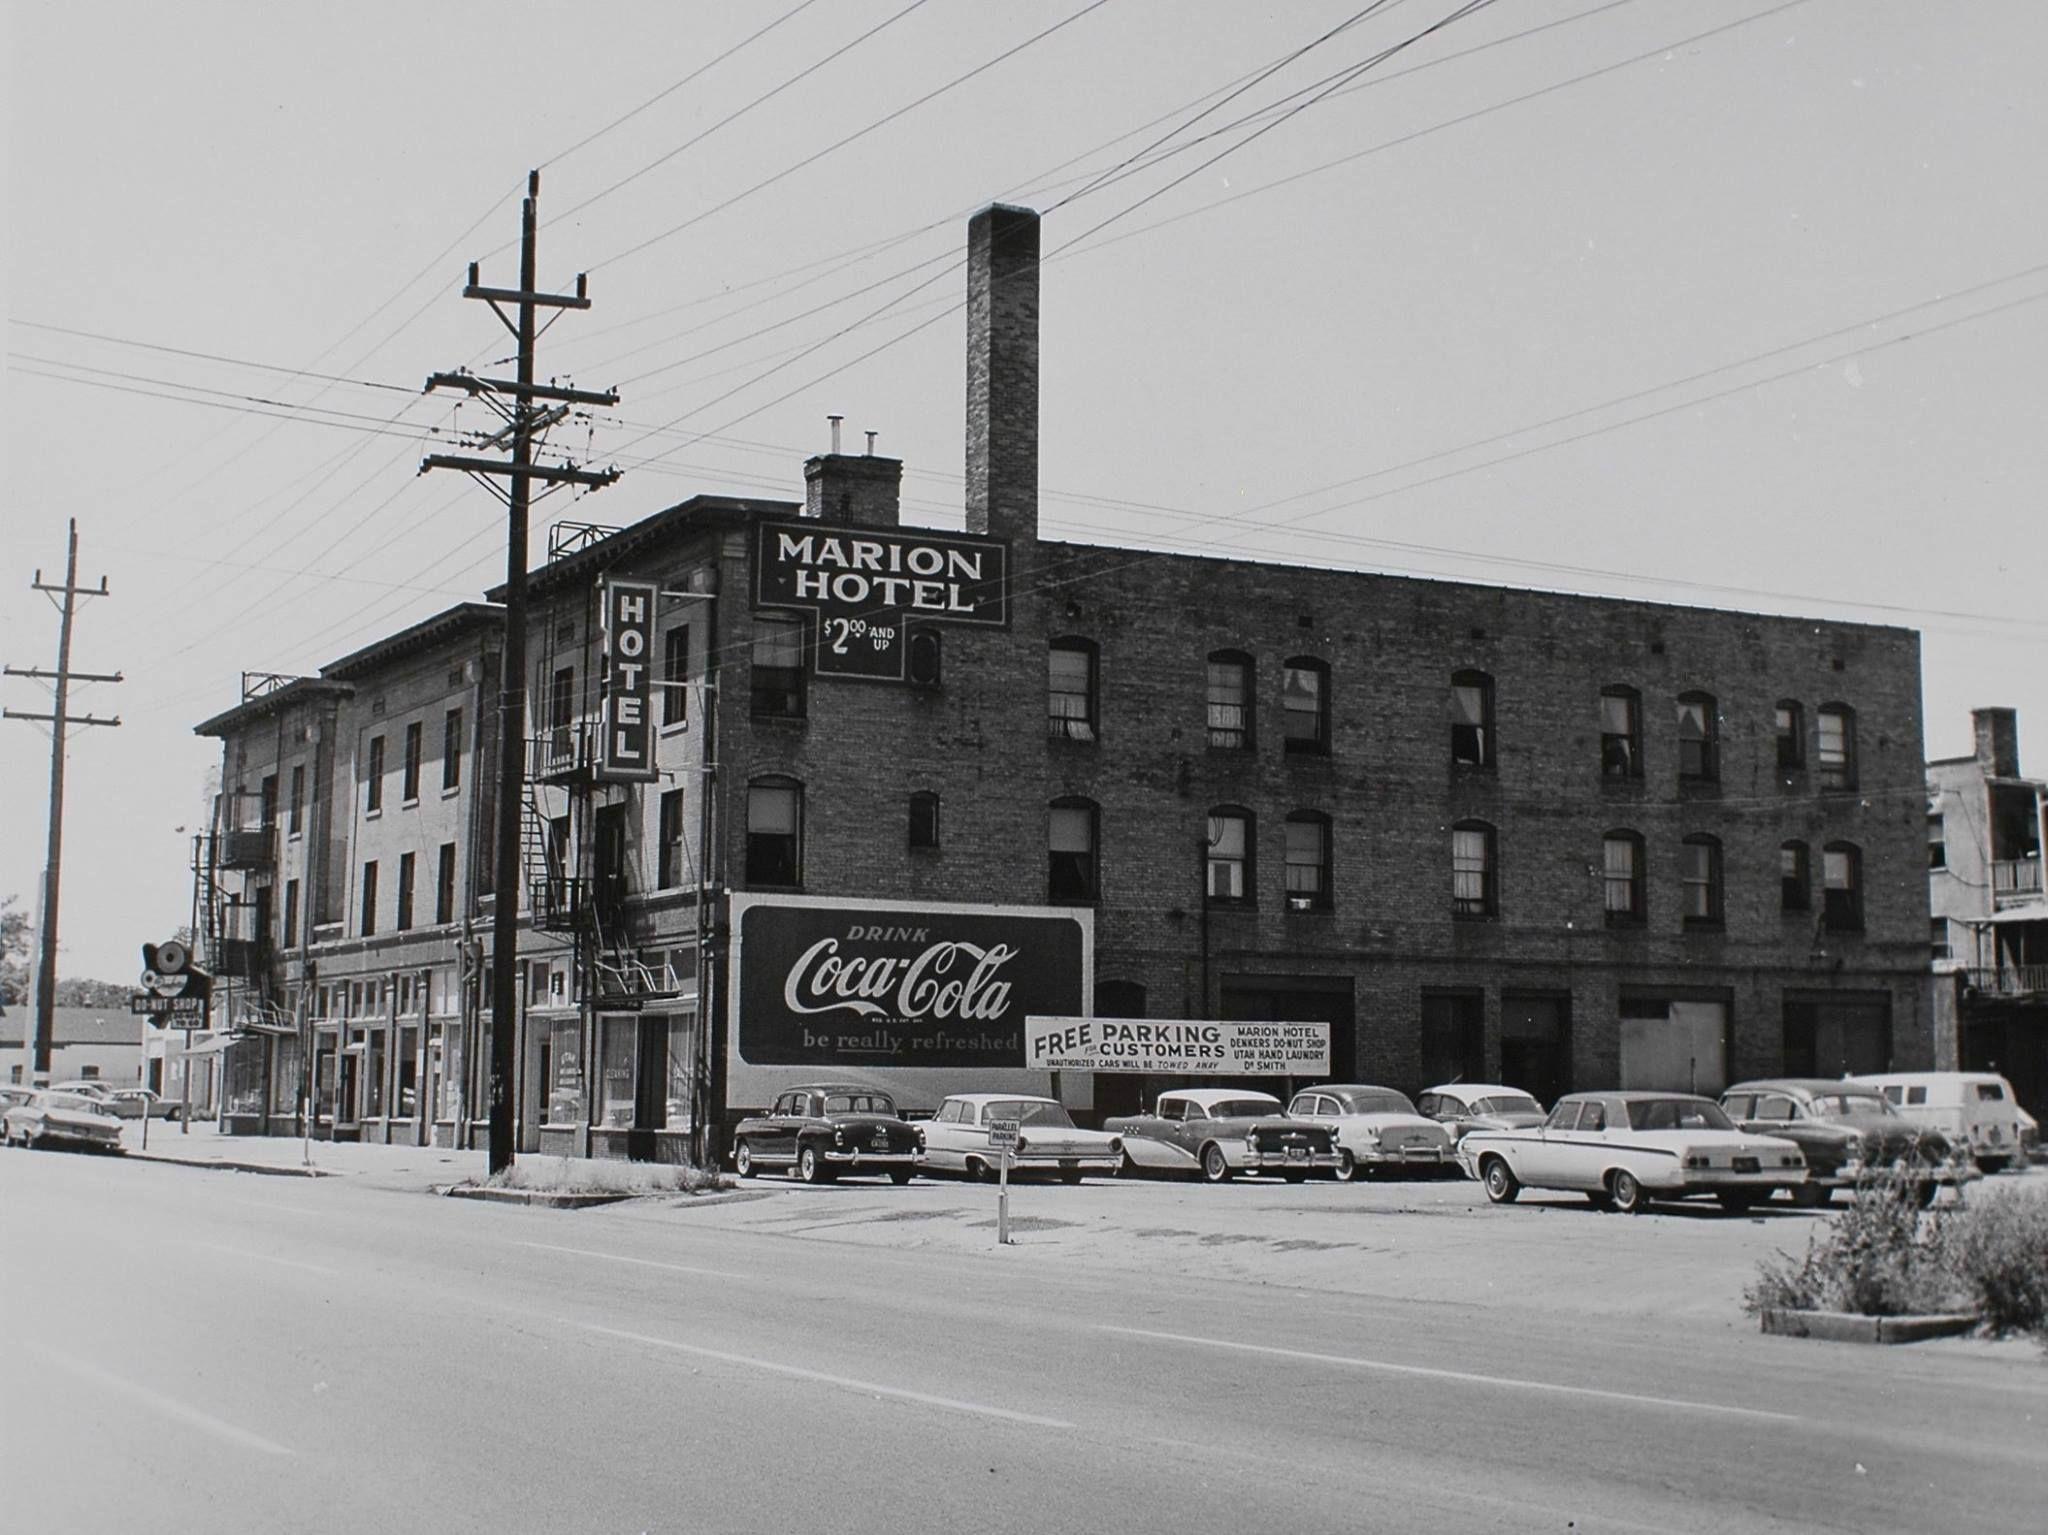 Marion Hotel 184 25th St Circa 1964 Ogden Ut Ogden Utah Street